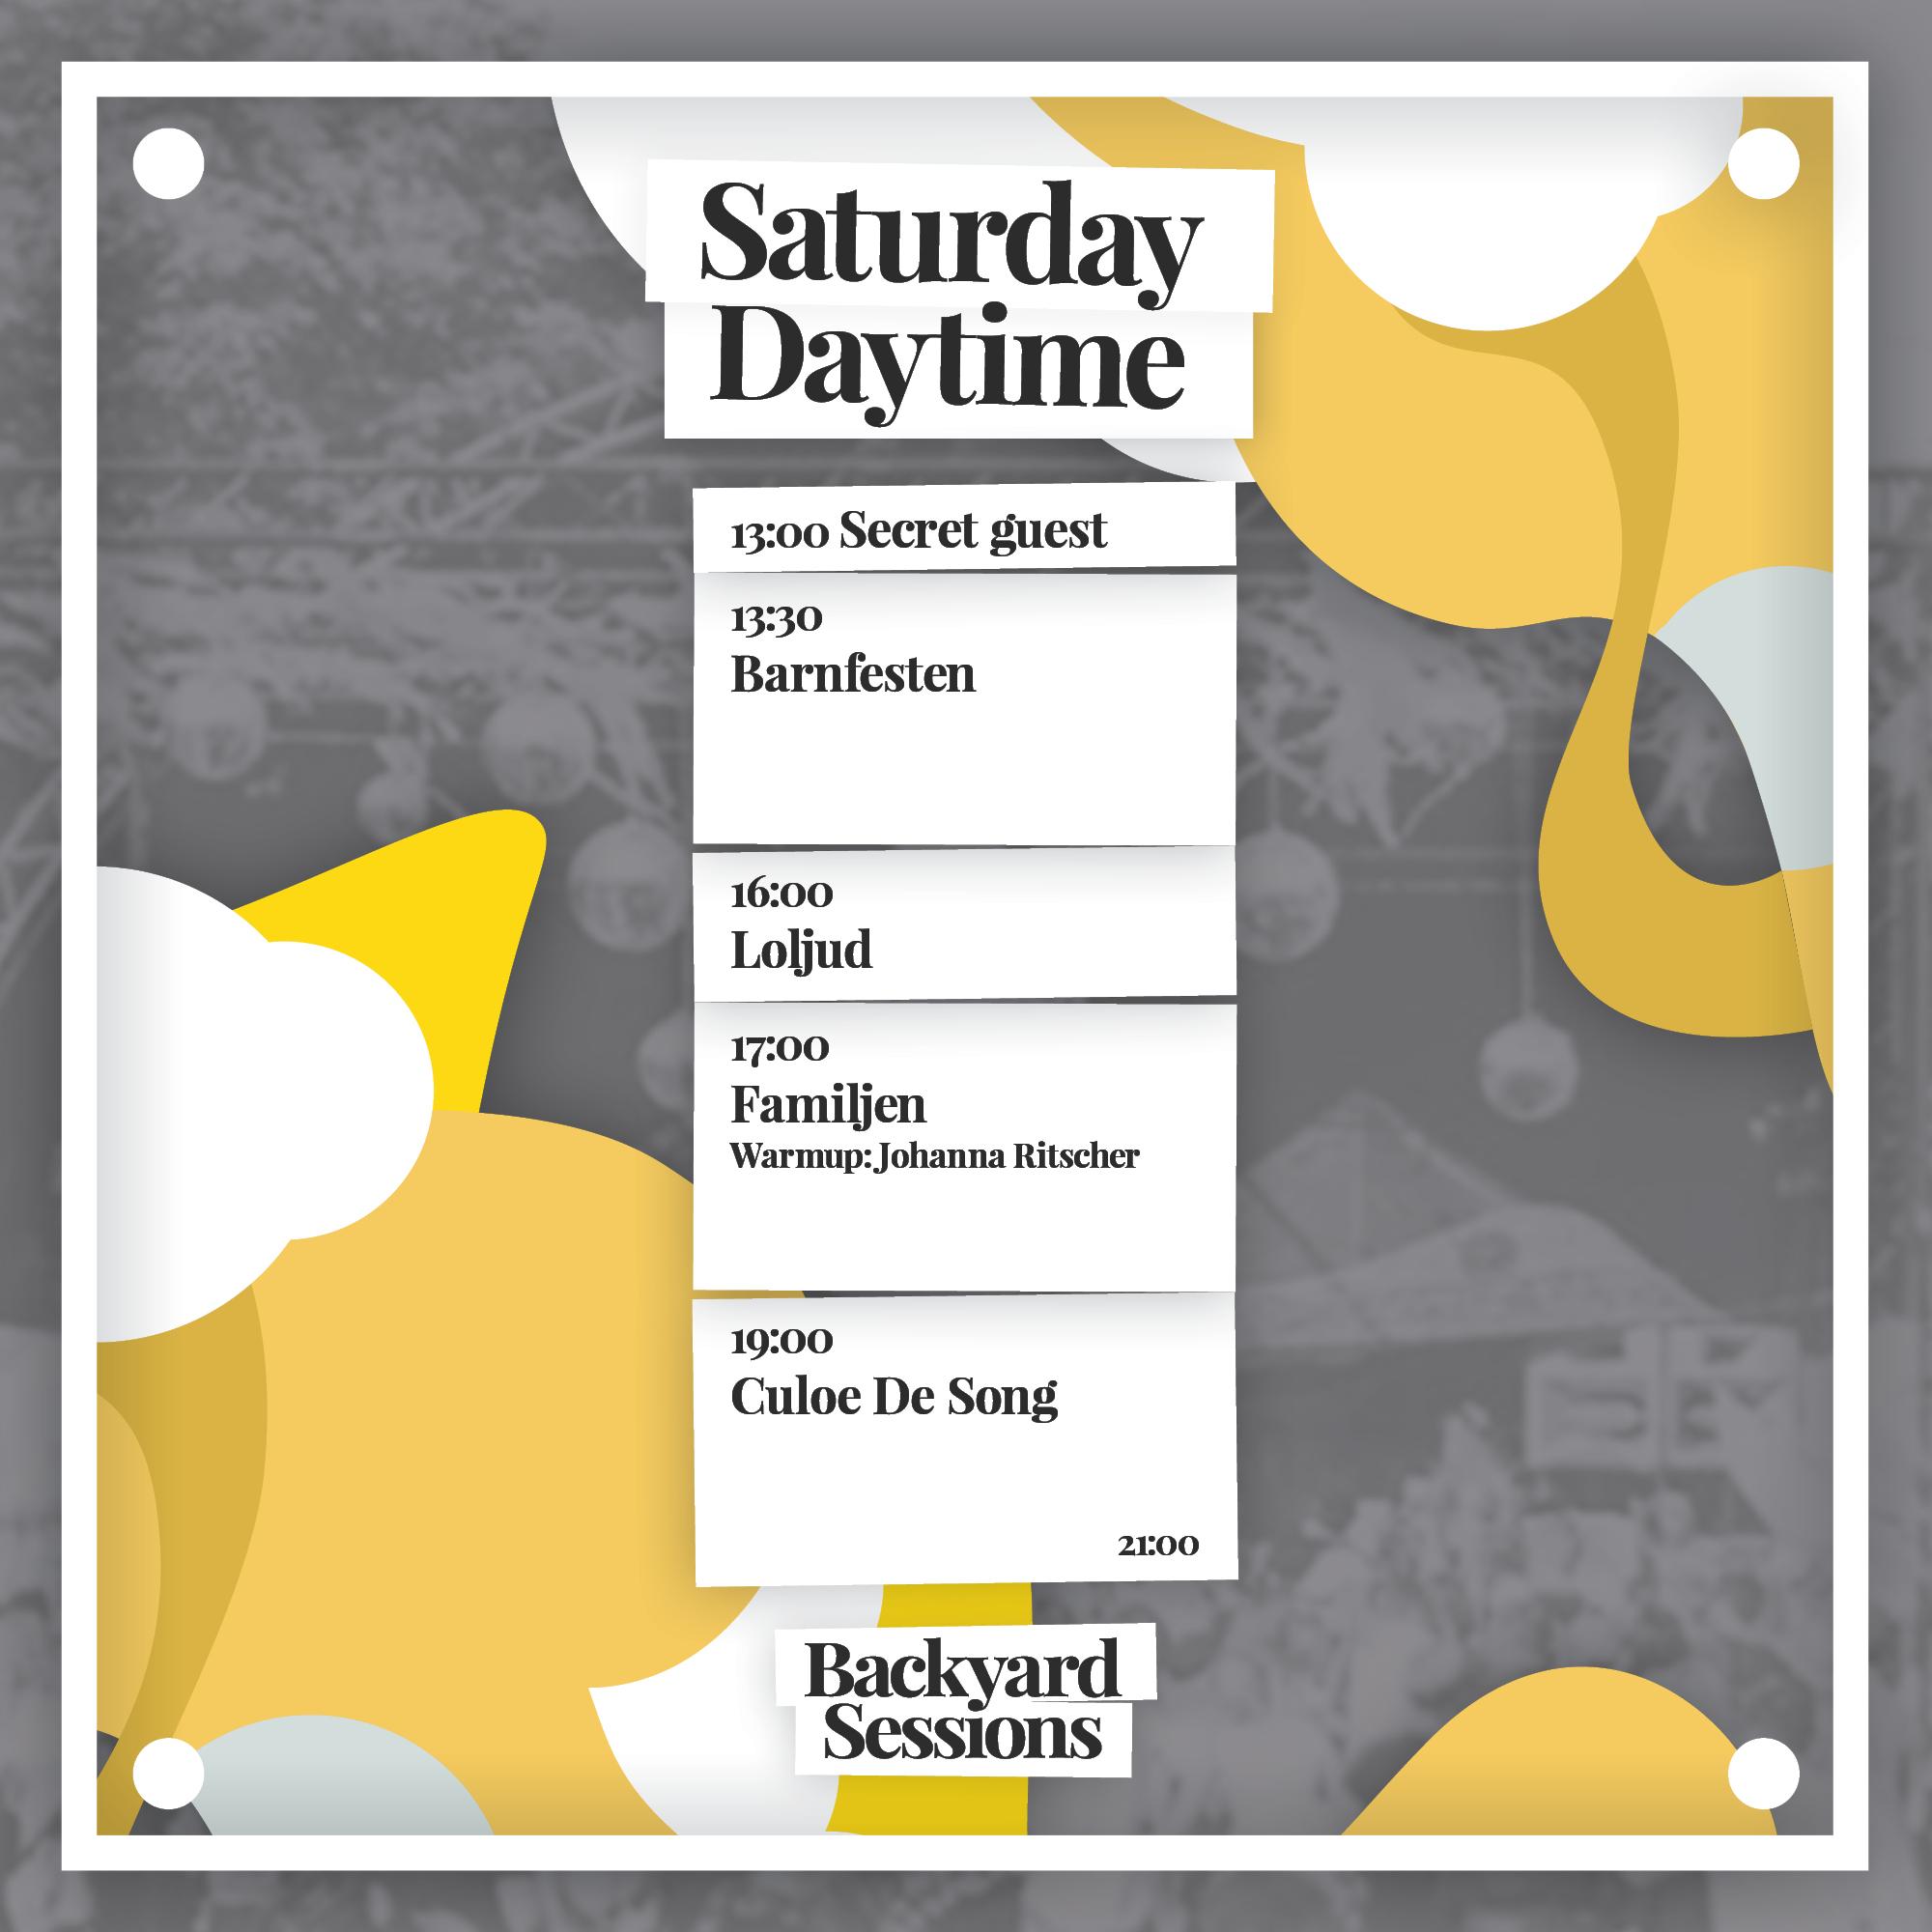 2000 x 2000 Schedule Saturday Daytime.jpg